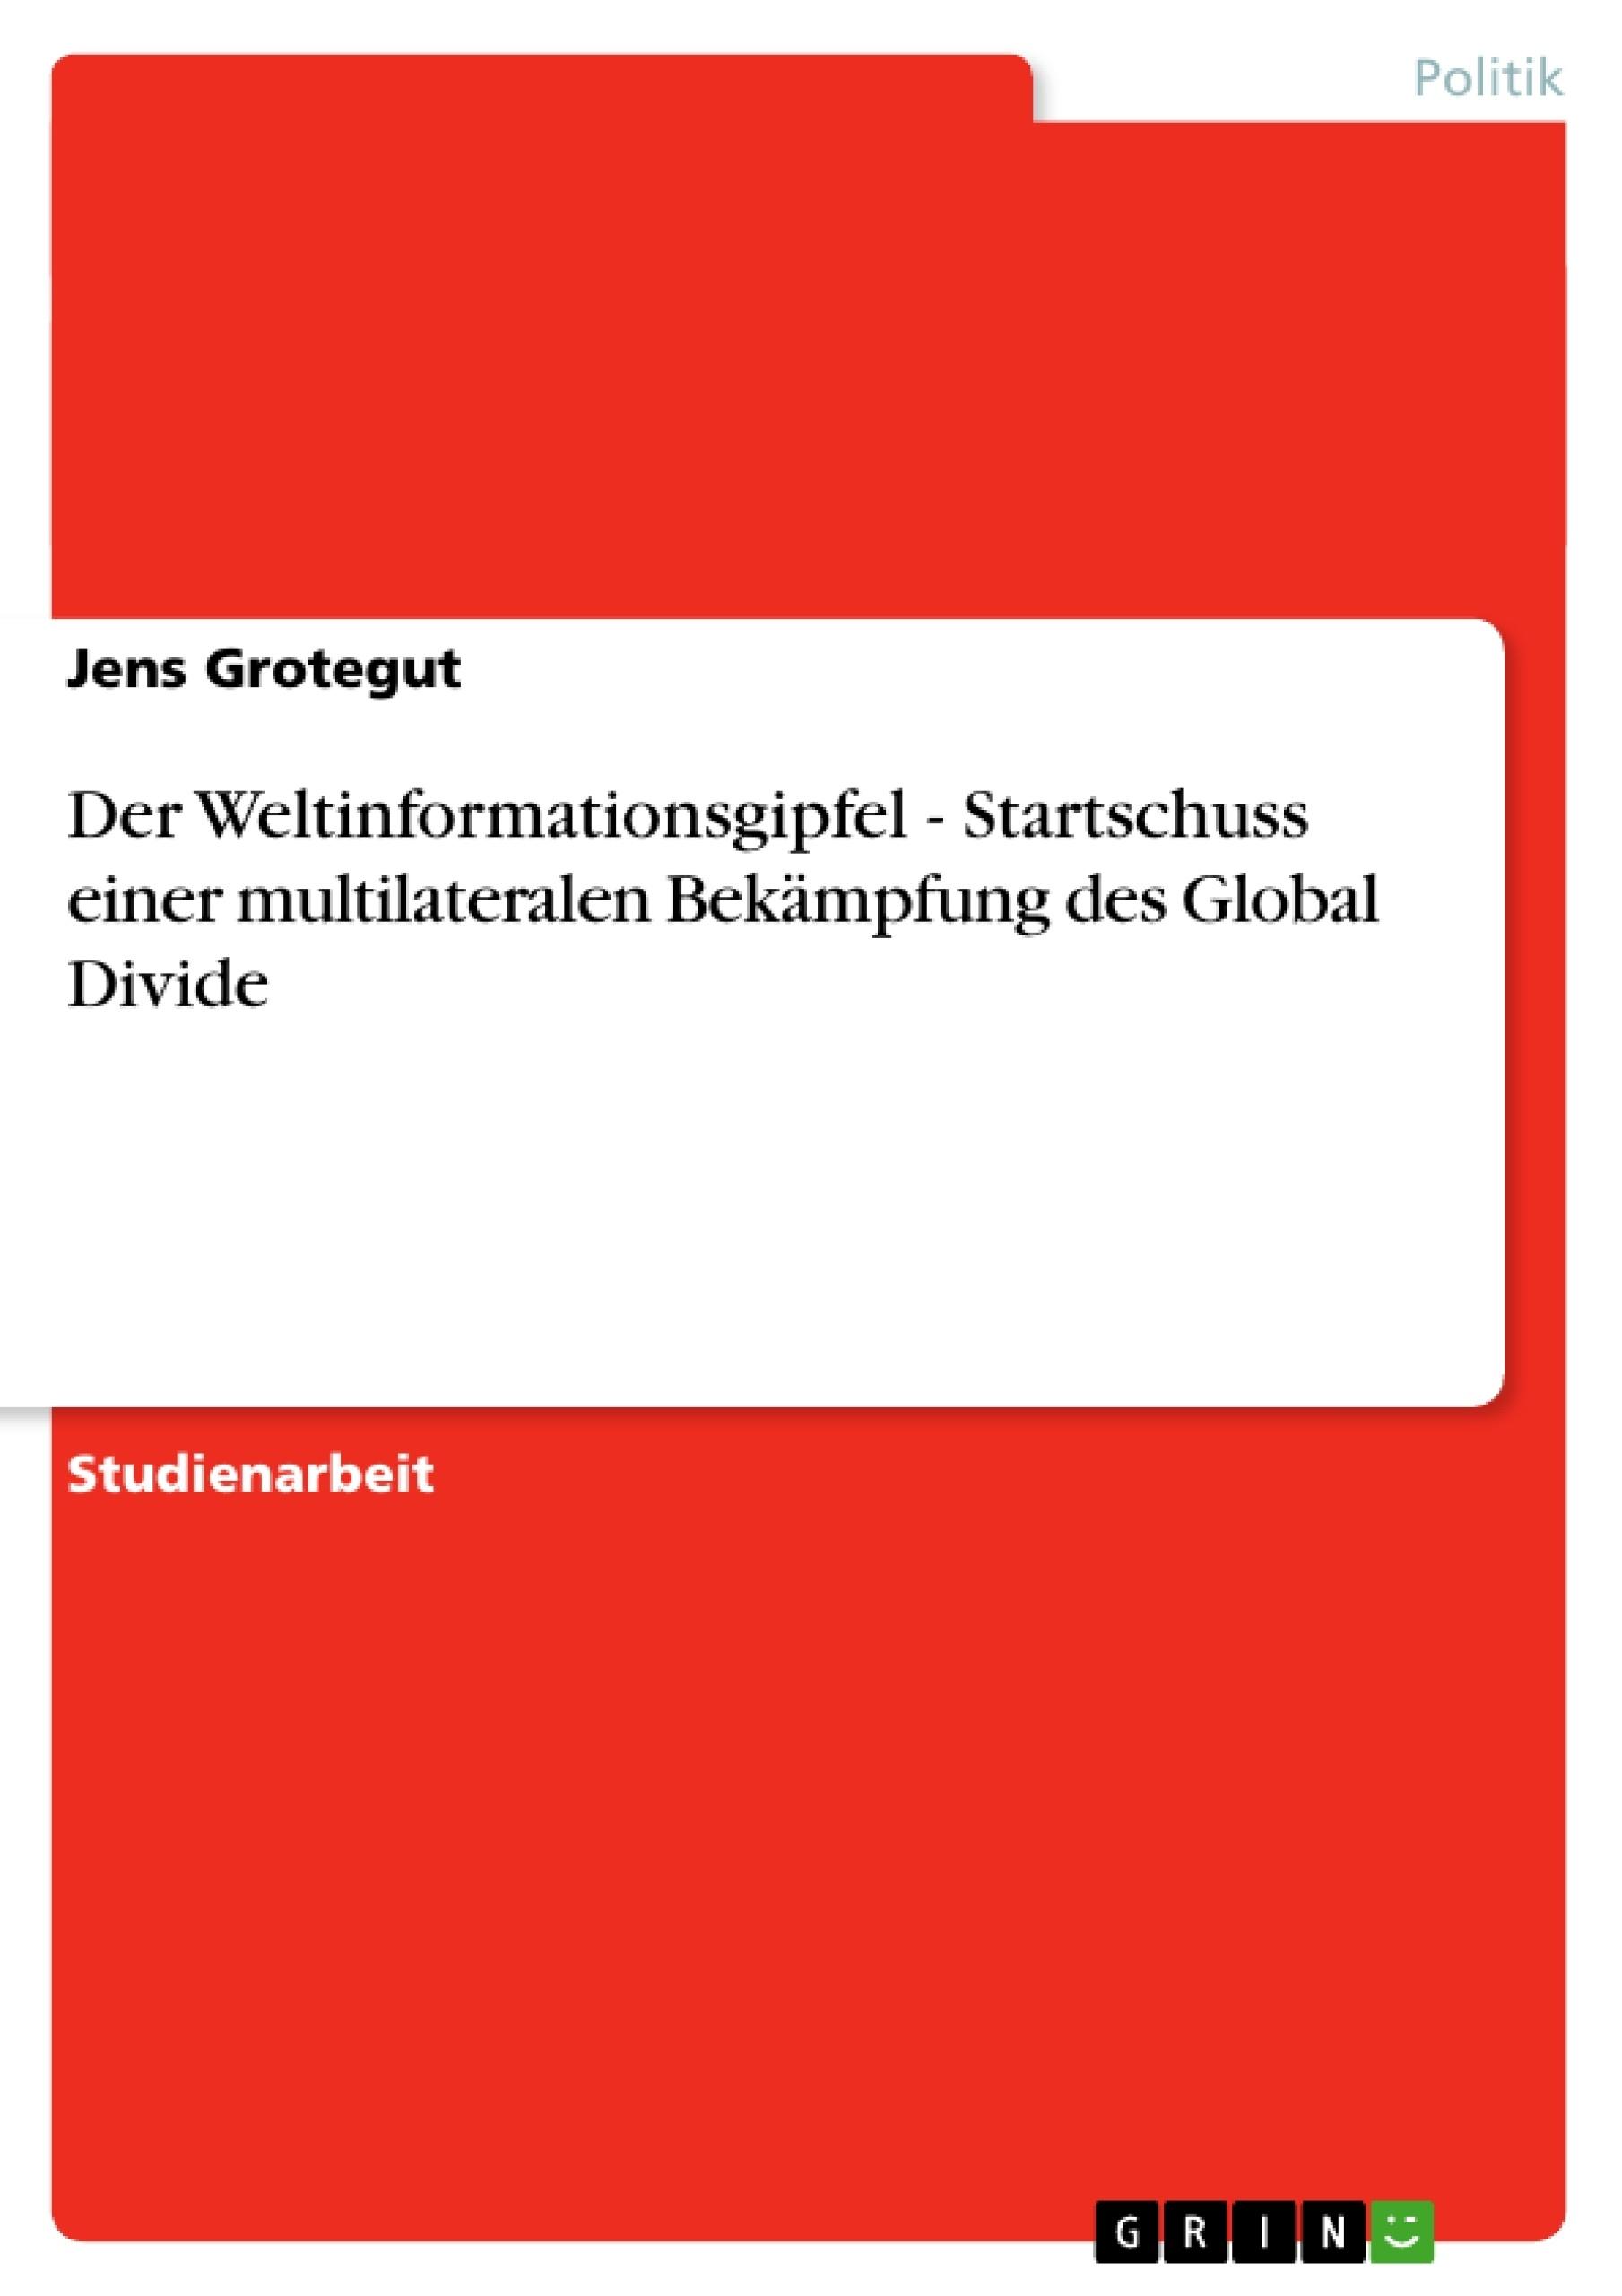 Titel: Der Weltinformationsgipfel - Startschuss einer multilateralen Bekämpfung des Global Divide